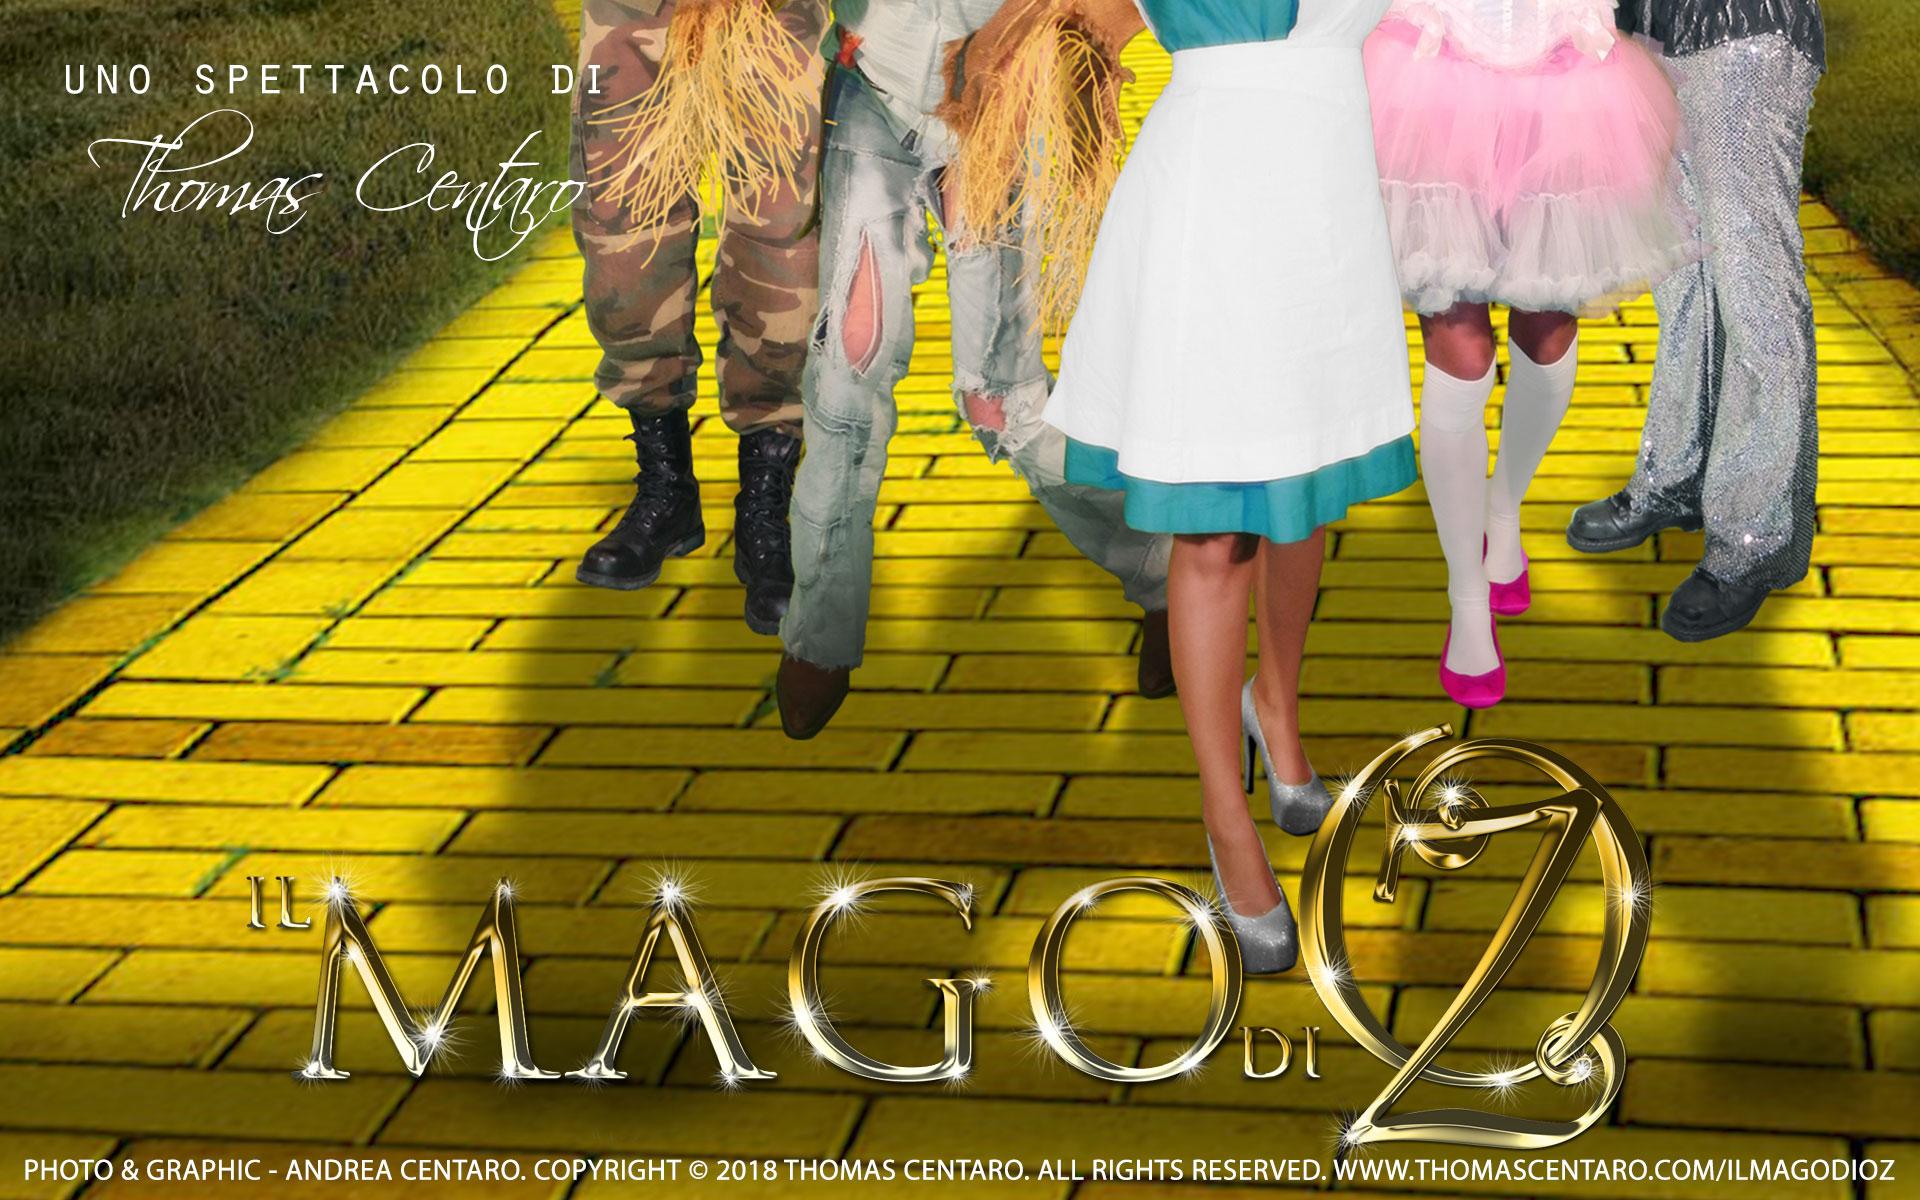 Il-Mago-Di-Oz-di-Thomas-Centaro-Artwork02